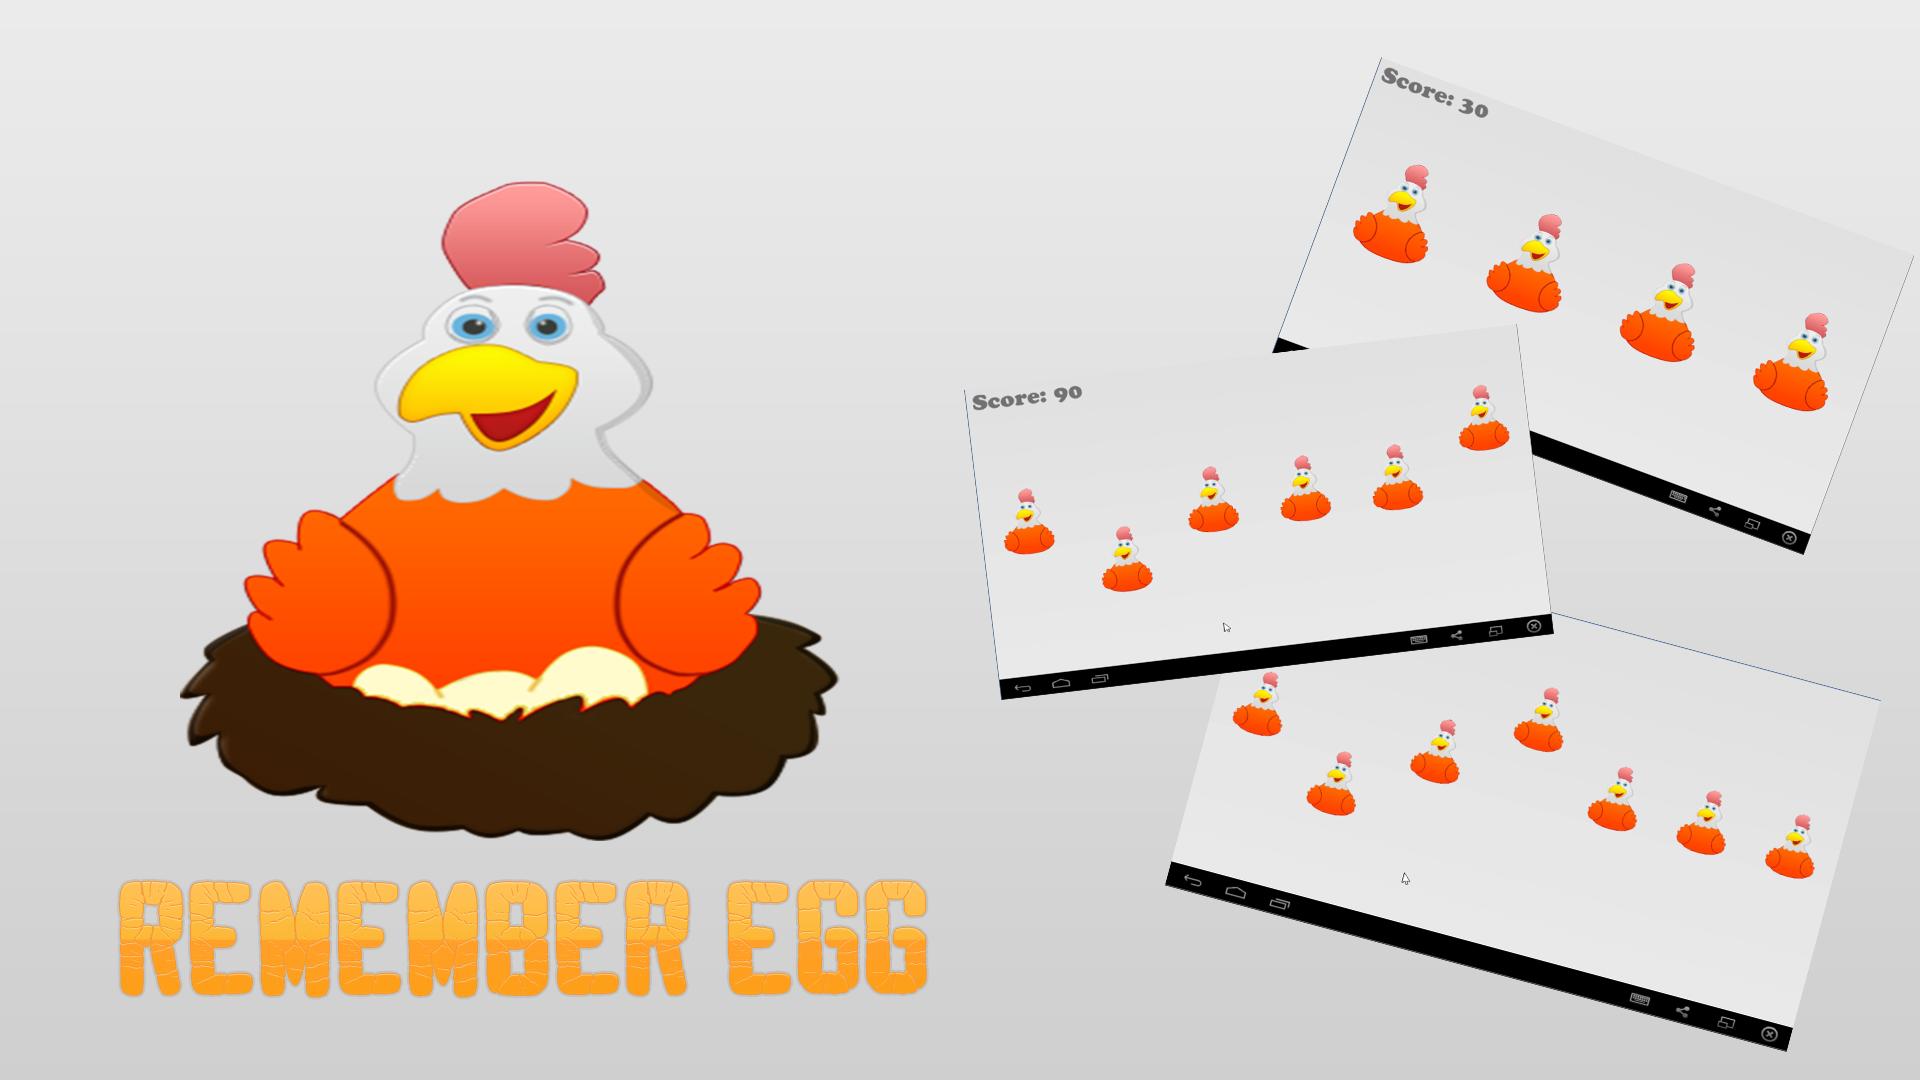 Remember Egg